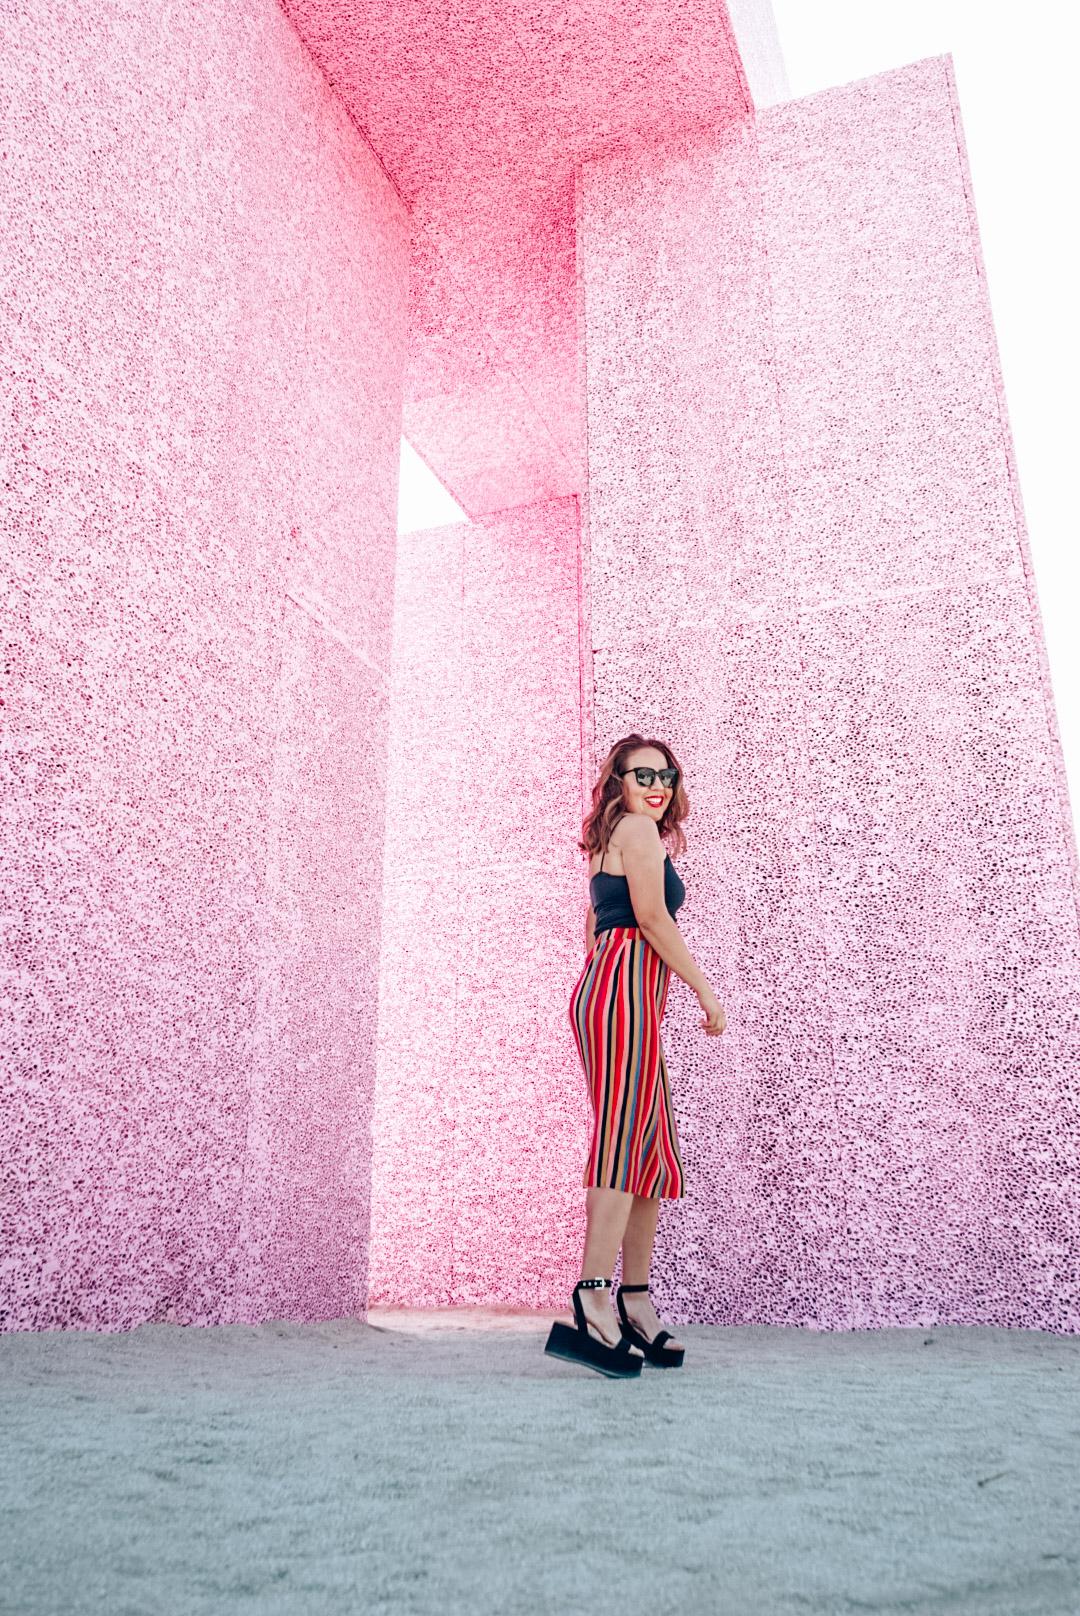 Girl in skirt in front of the Super Flex art exhibit in the Coachella Valley.